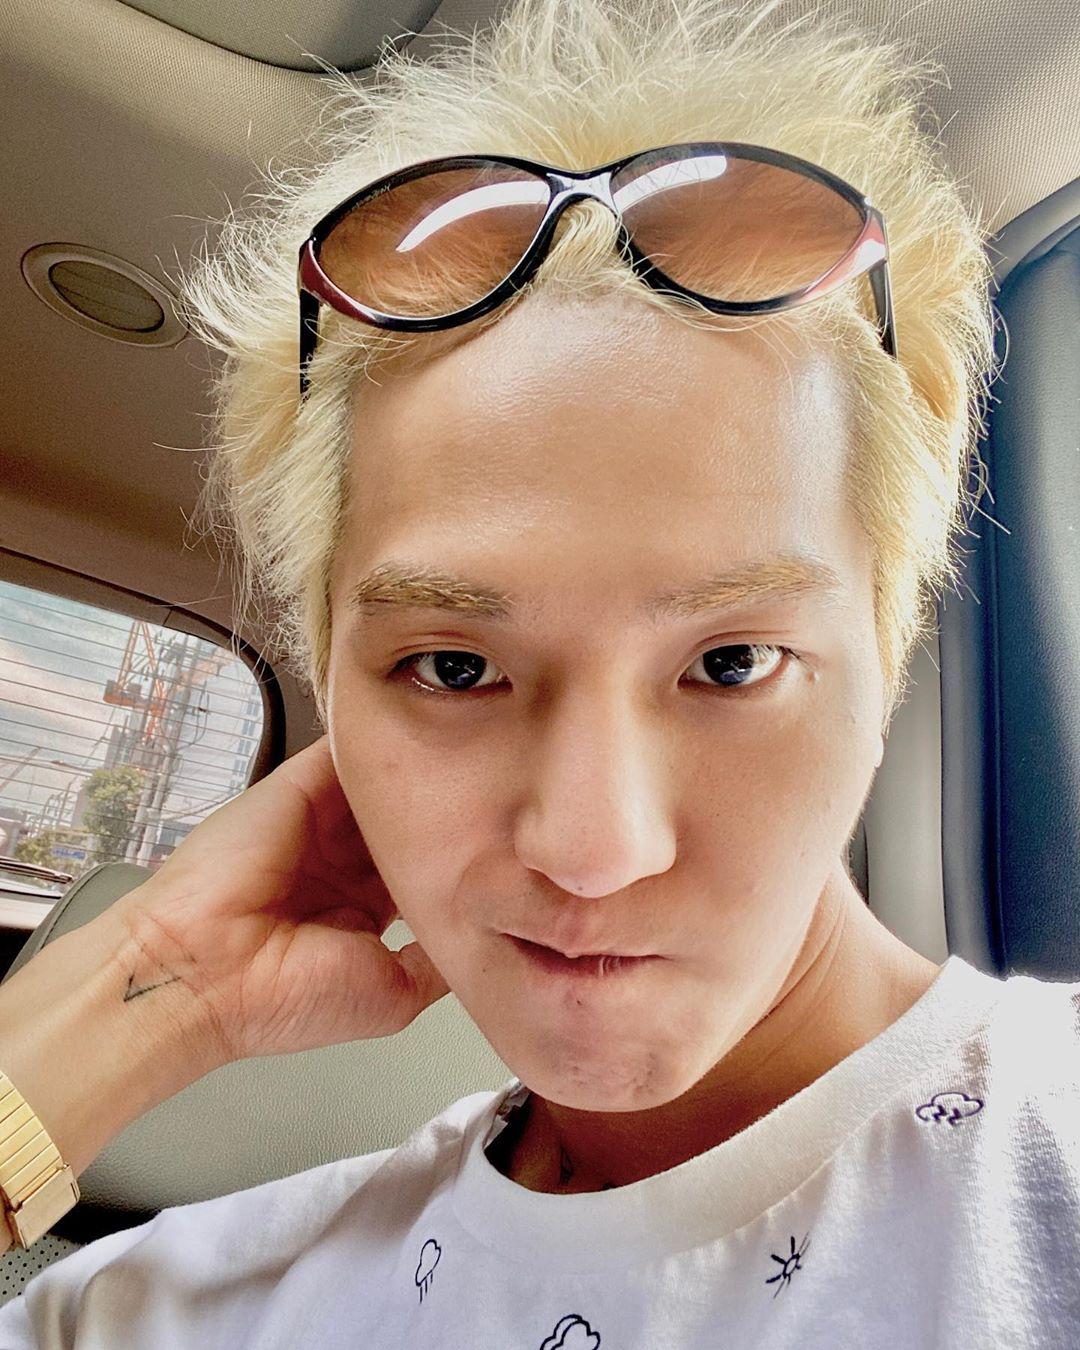 Song Min-ho South Korean Rapper, Singer-Song Writer, Producer